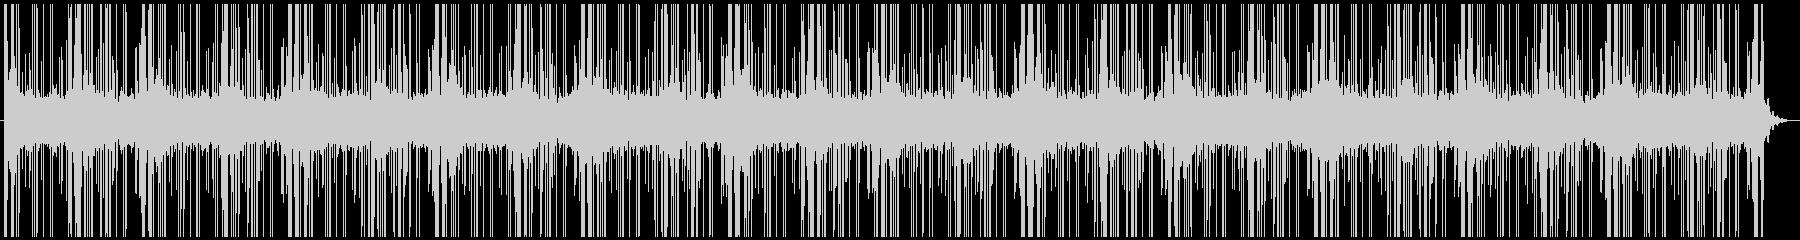 シンプルでオトナな雰囲気のあるBGMの未再生の波形